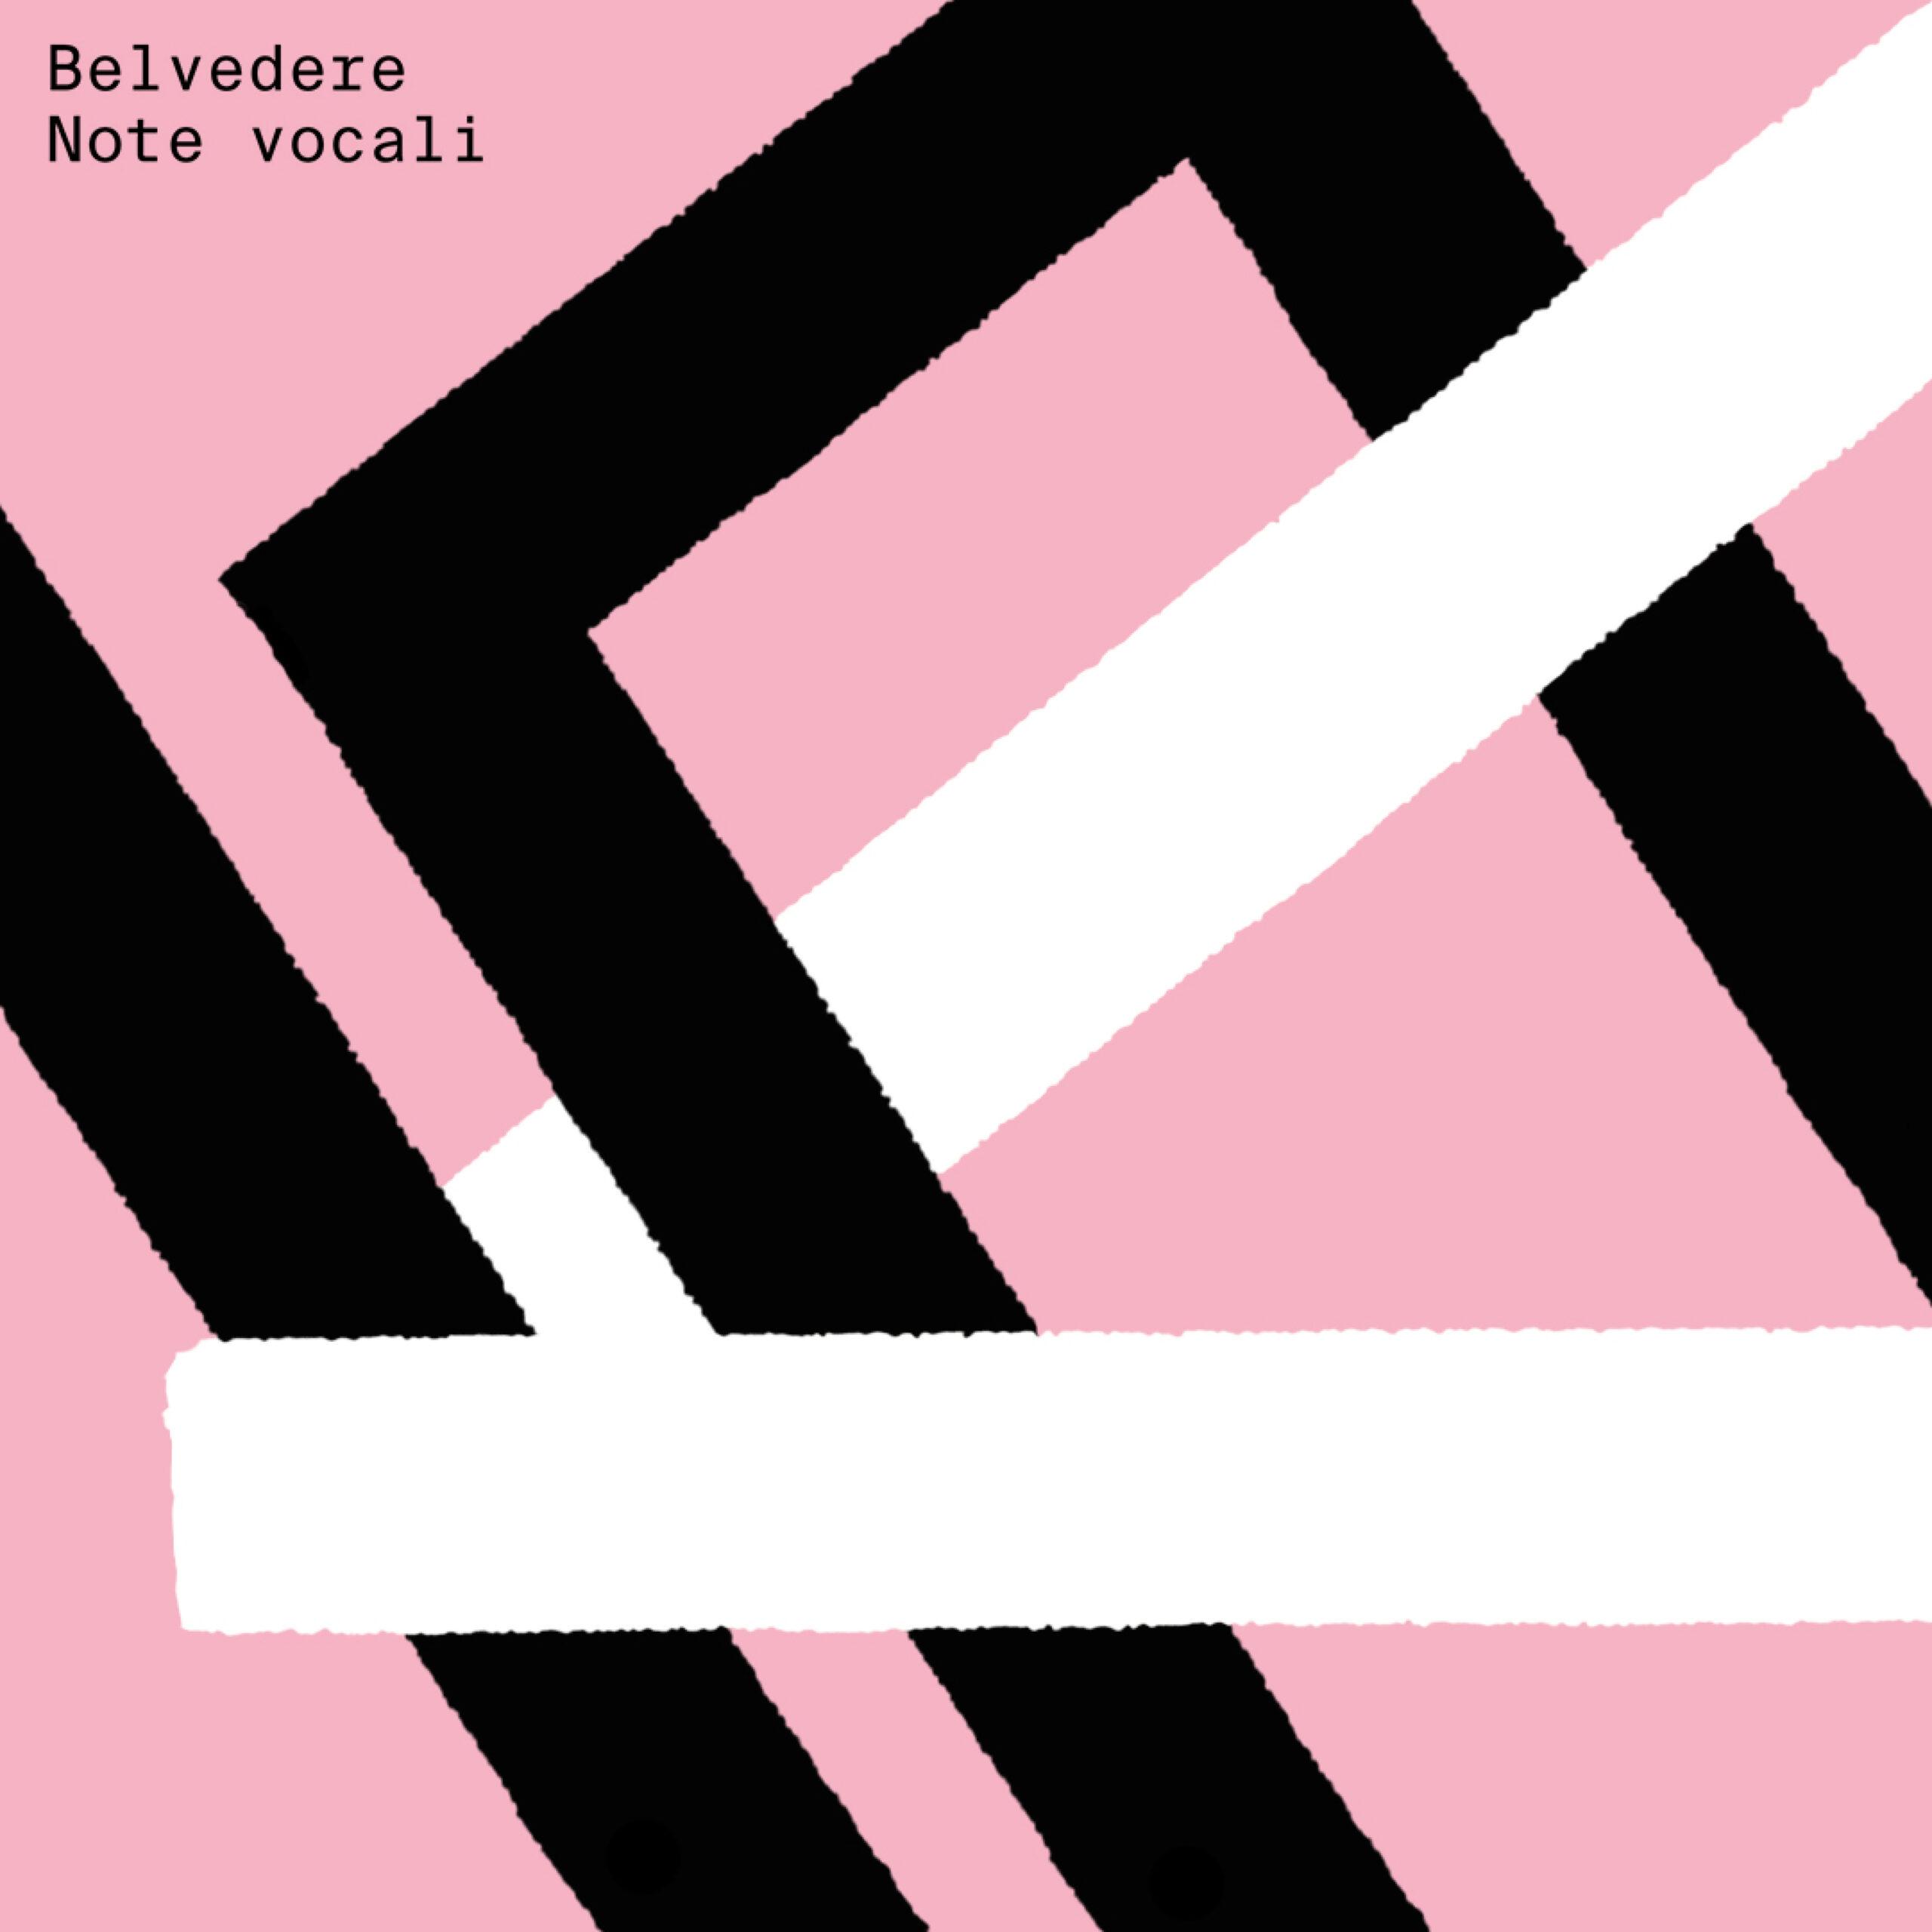 Note Vocali di Belvedere è il primo disco italiano registrato su WhatsApp